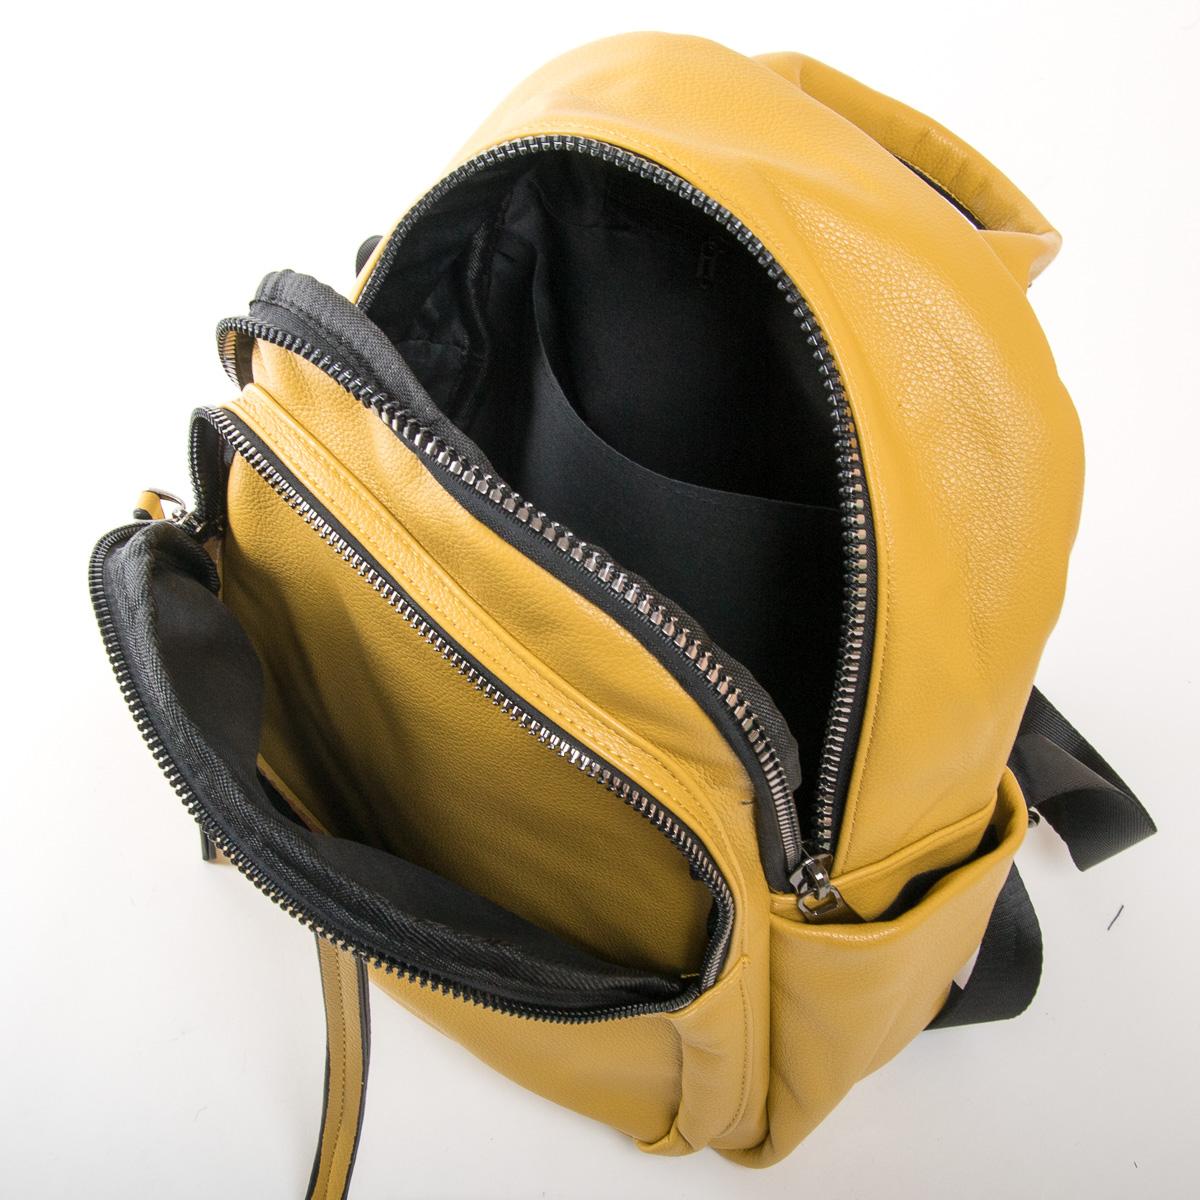 Сумка Женская Рюкзак иск-кожа FASHION 01-02 871 yellow - фото 5